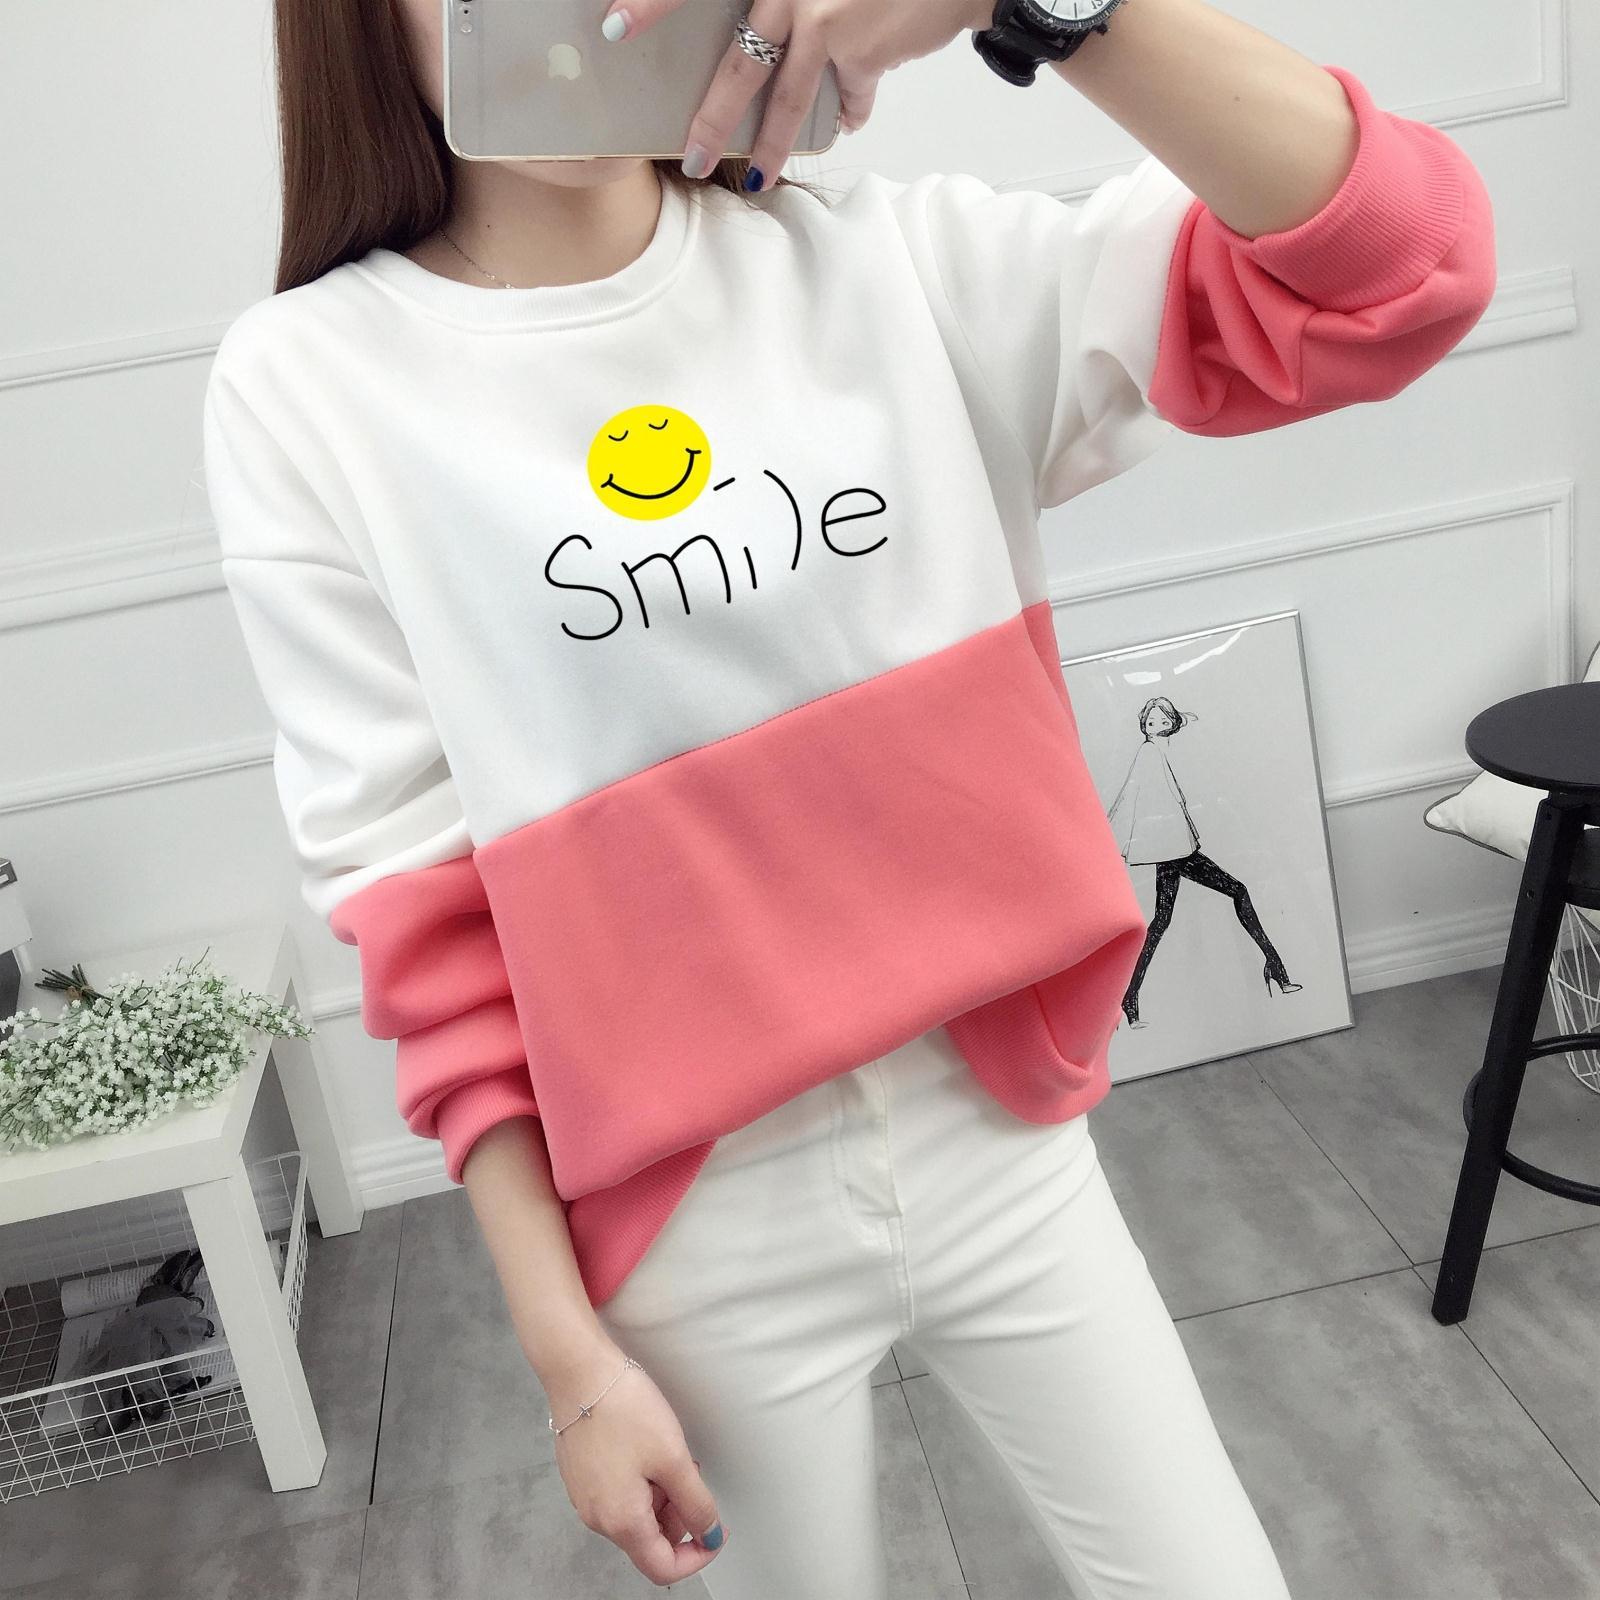 เสื้อแขนยาวแฟชั่นพร้อมส่ง เสื้อแขนยาวแต่งสีขาวสลับชมพู แต่งสกรีนลายยิ้ม Smile +พร้อมส่ง+